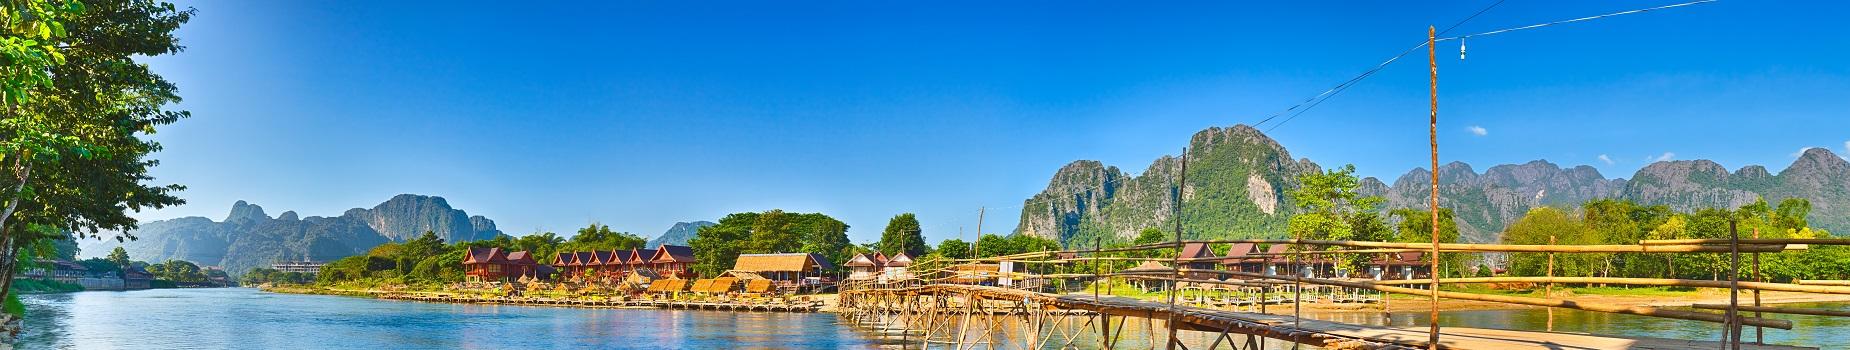 Vliegvelden Laos